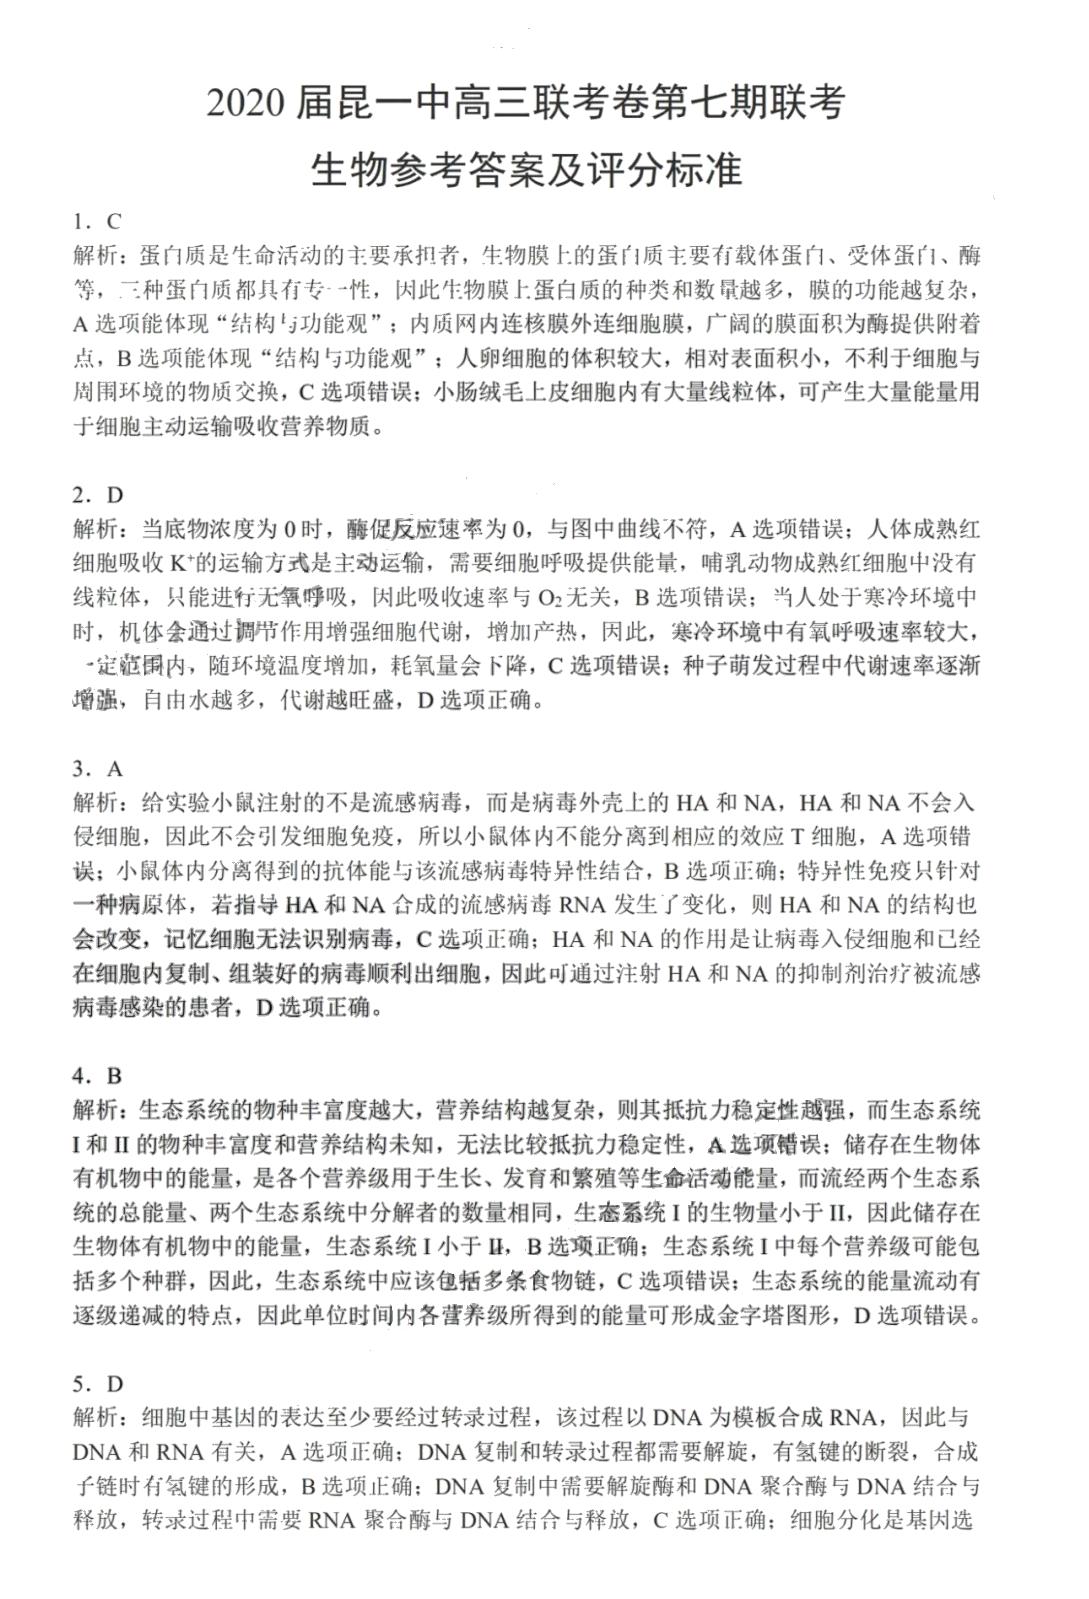 2020届云南省昆明市第一中学高三模拟生物试题答案(下载版)